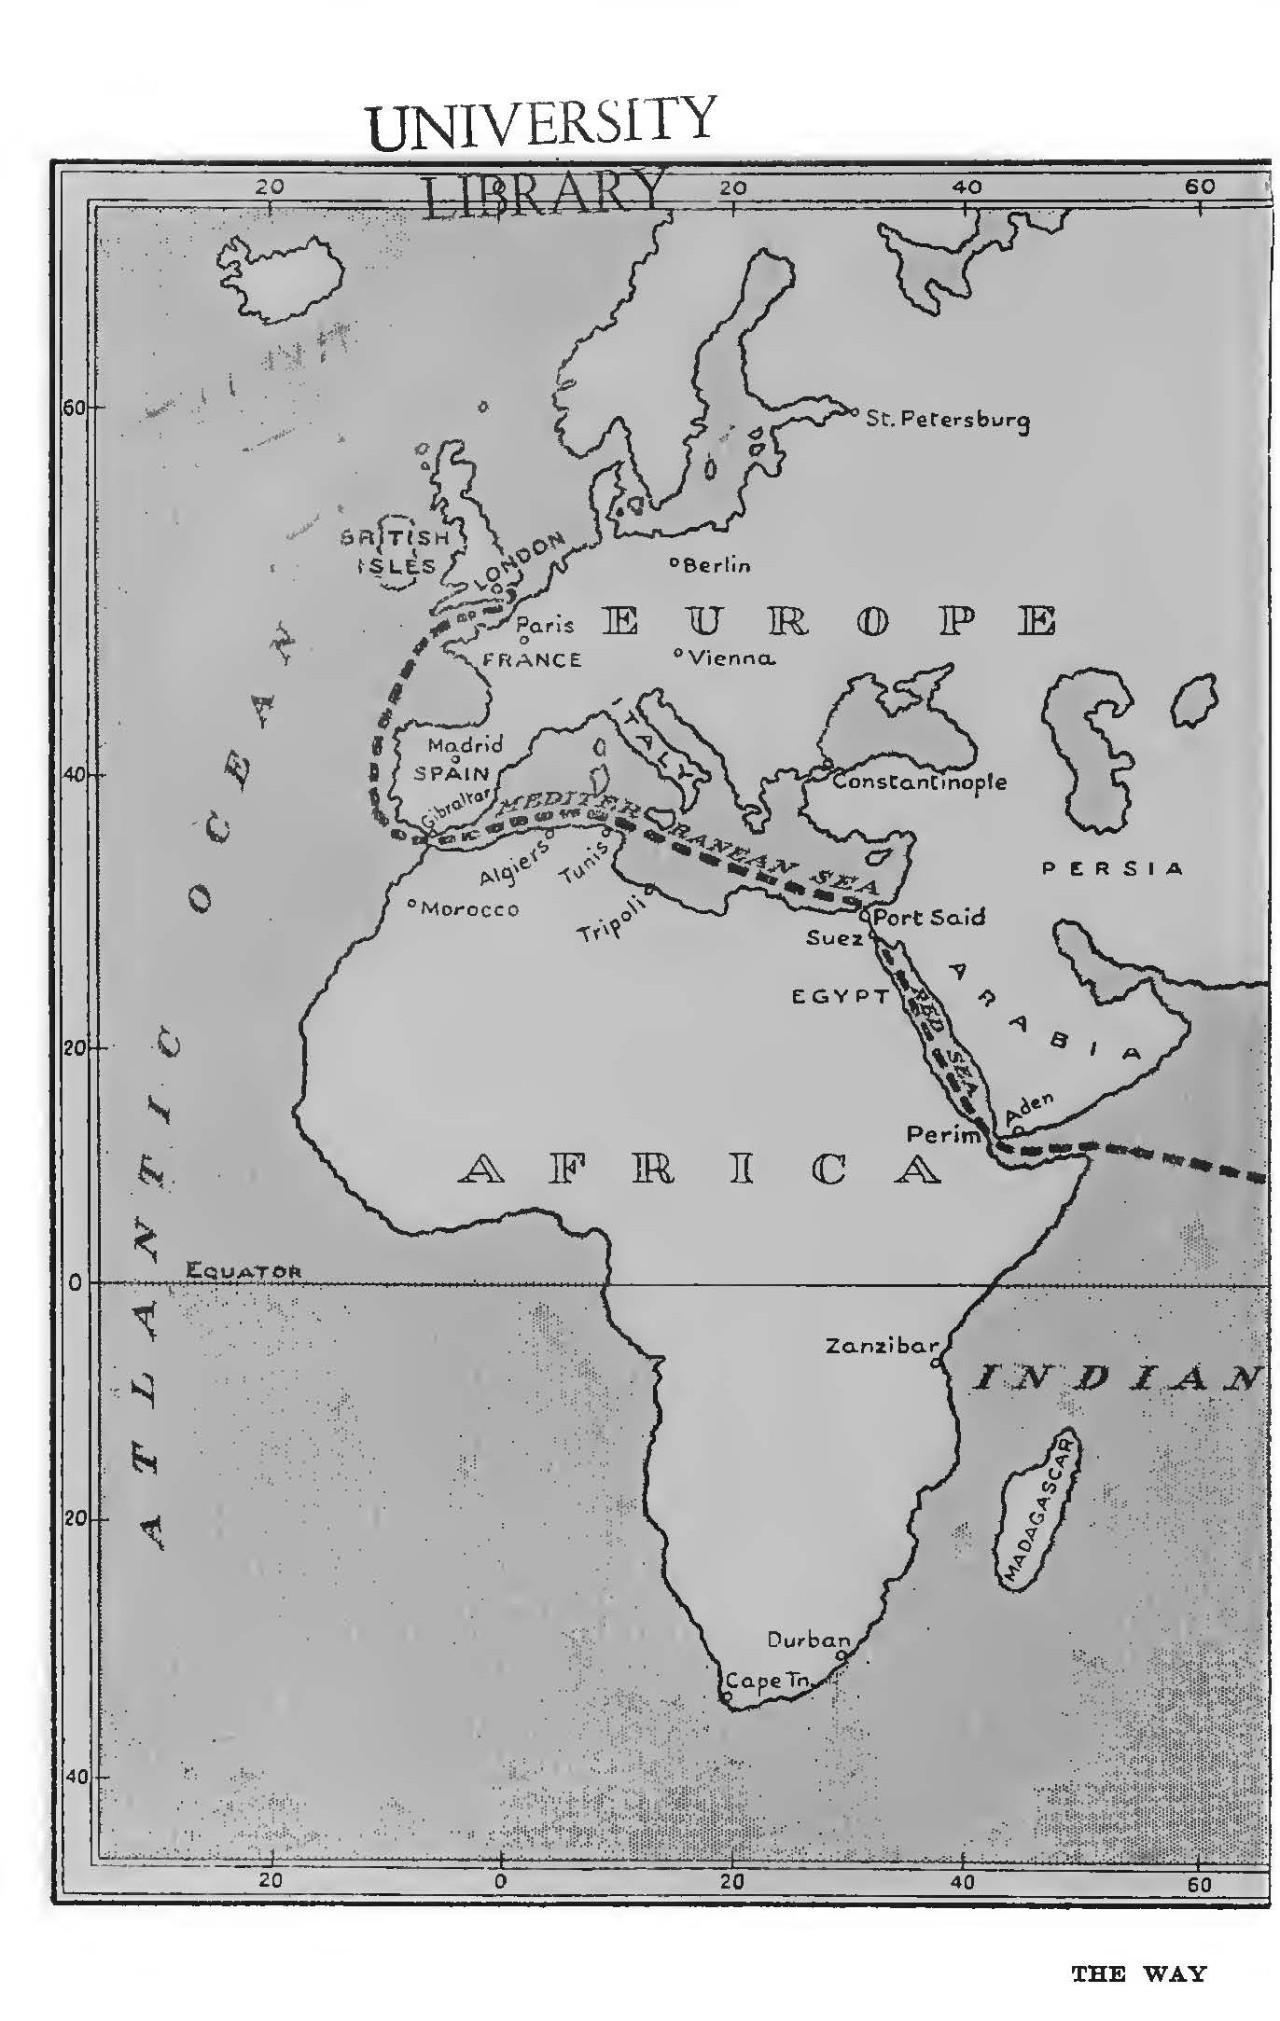 从伦敦到厦门路线图2  伦敦至塞得港 看看这本书前封页的地图,找到图片